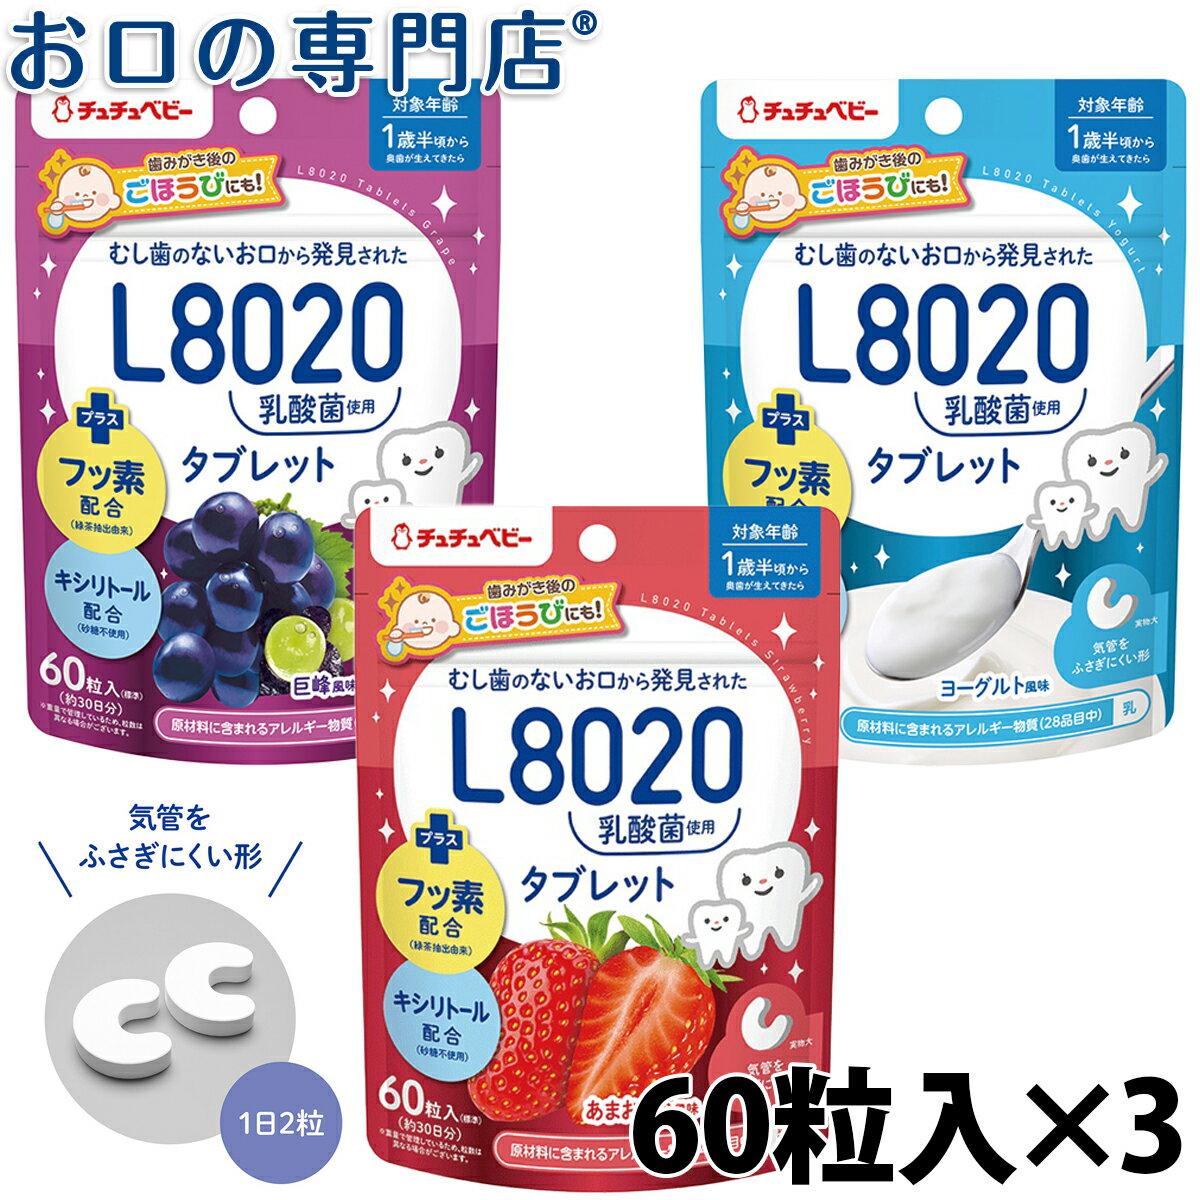 【学校歯科保健用品】チュチュベビー L8020乳酸菌タブレット 90粒×3袋セット 【ゆうパケット(メール便)送料無料】